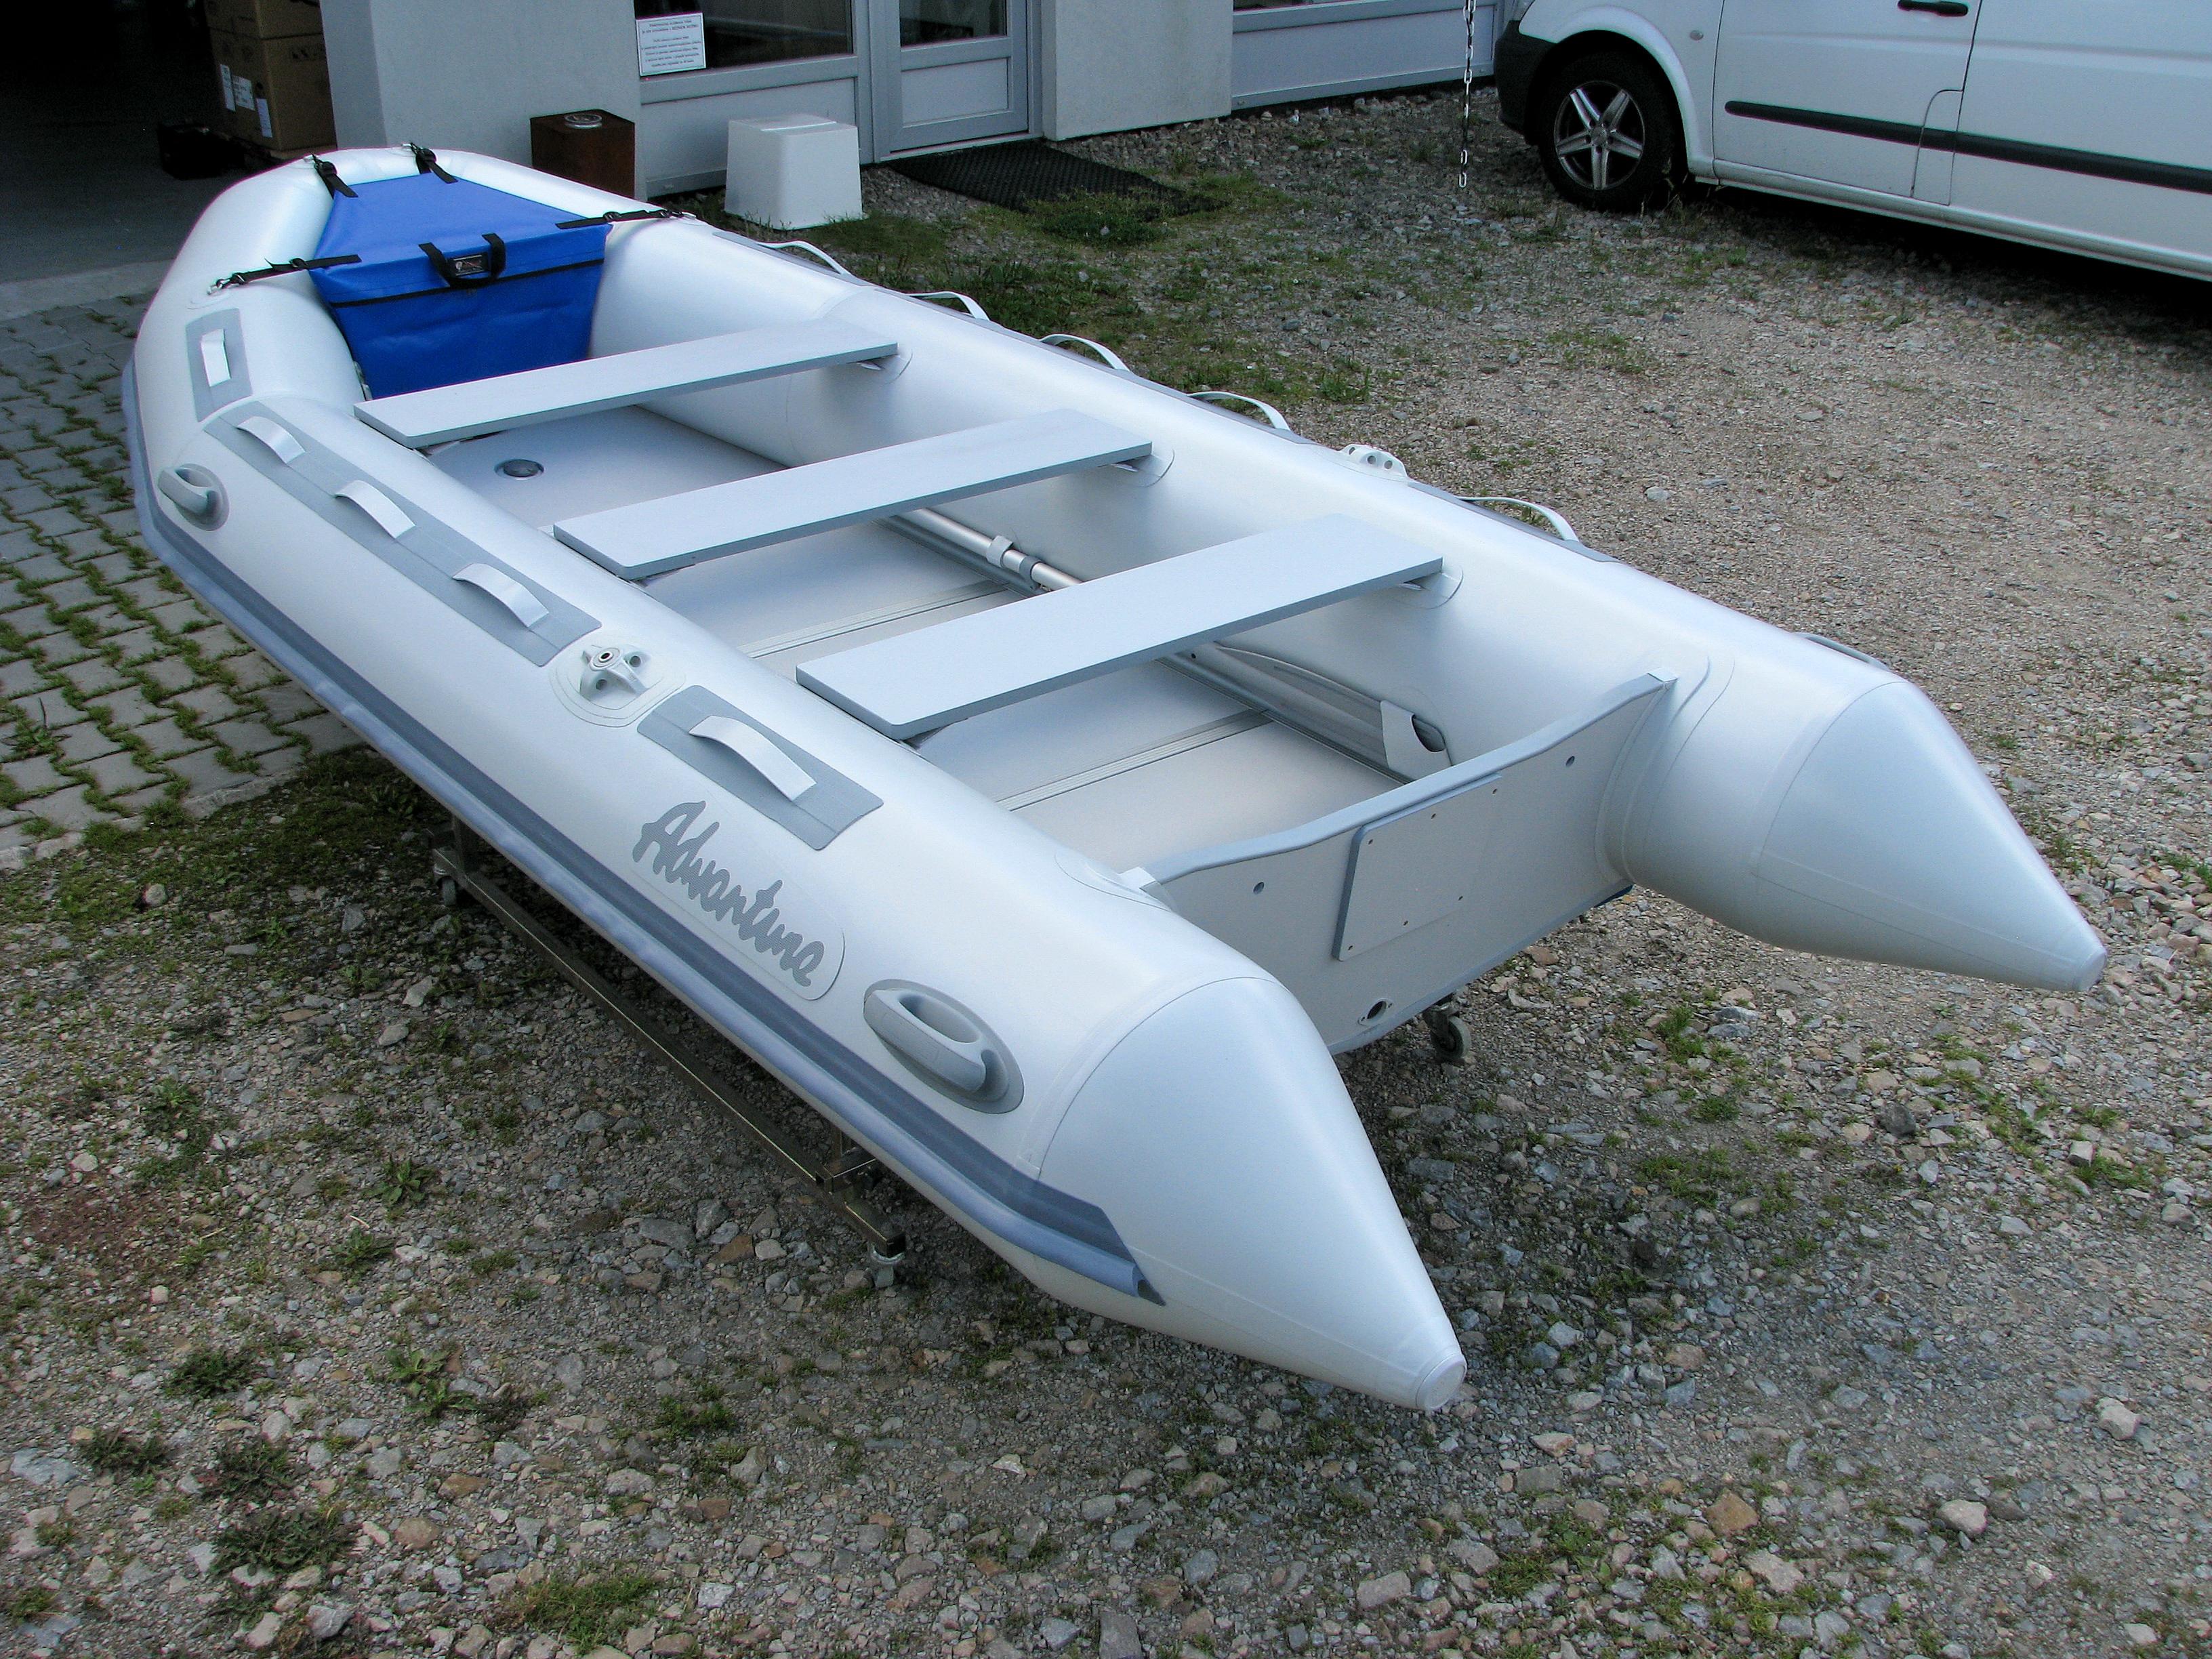 Nový design člunů Adventure M-400 s PVC madly na horní straně nafukovacích plováků